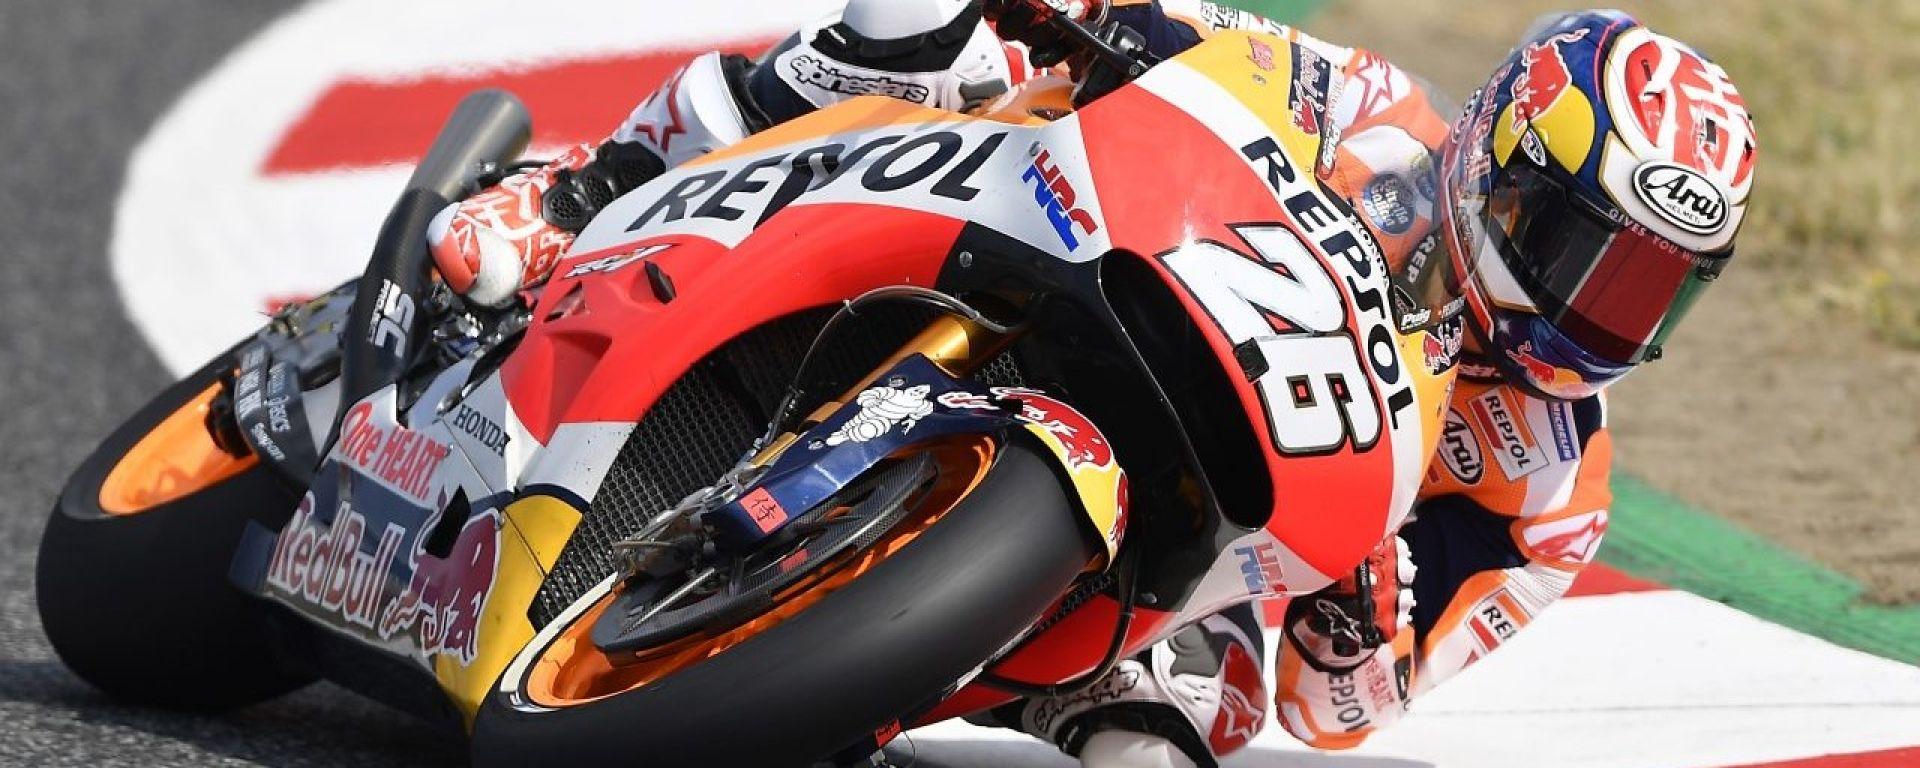 MotoGP Catalunya 2017: Dani Pedrosa in Pole davanti a Jorge Lorenzo e Danilo Petrucci